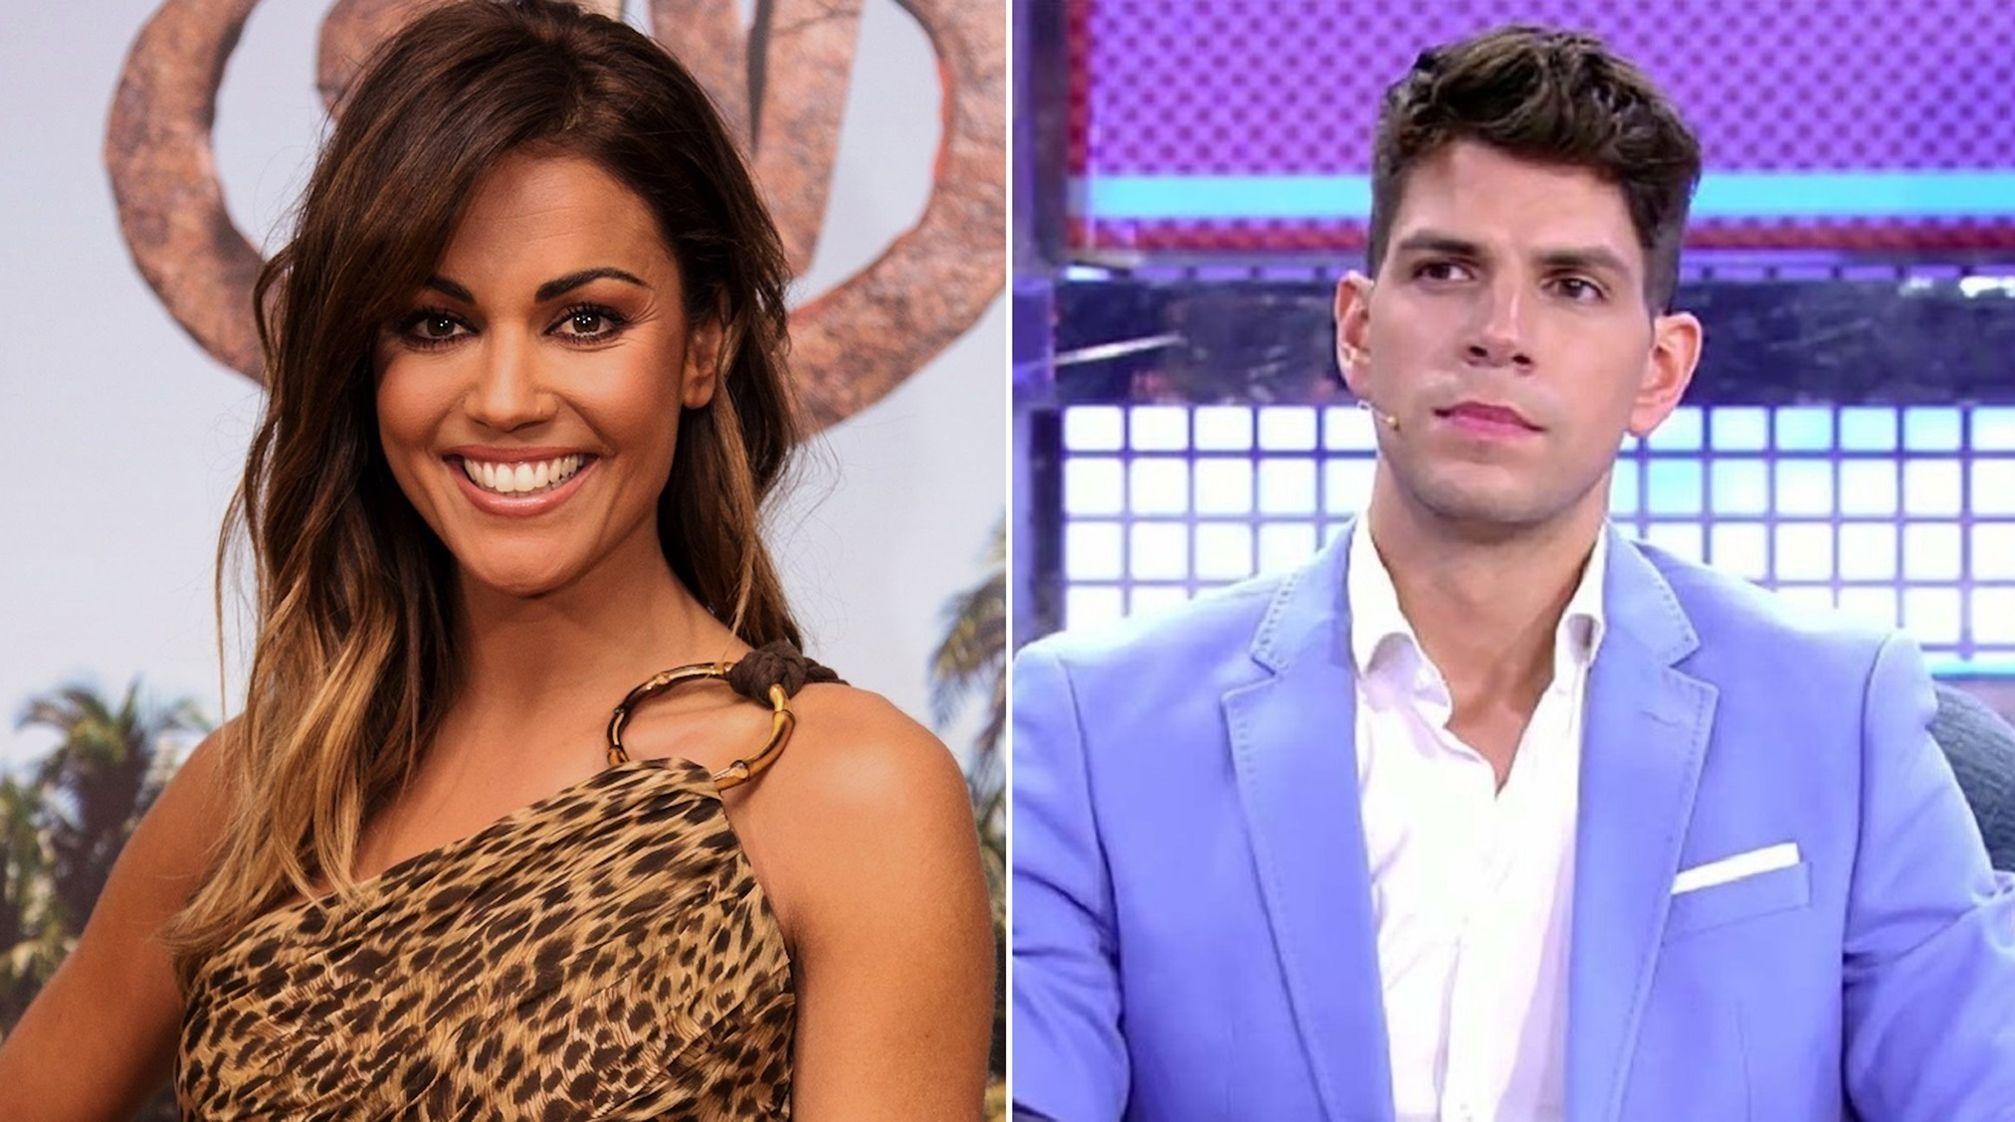 Todo apunta a que Lara Álvarez es la presentadora de Telecinco con la que Diego Matamoros habría sido infiel a su mujer